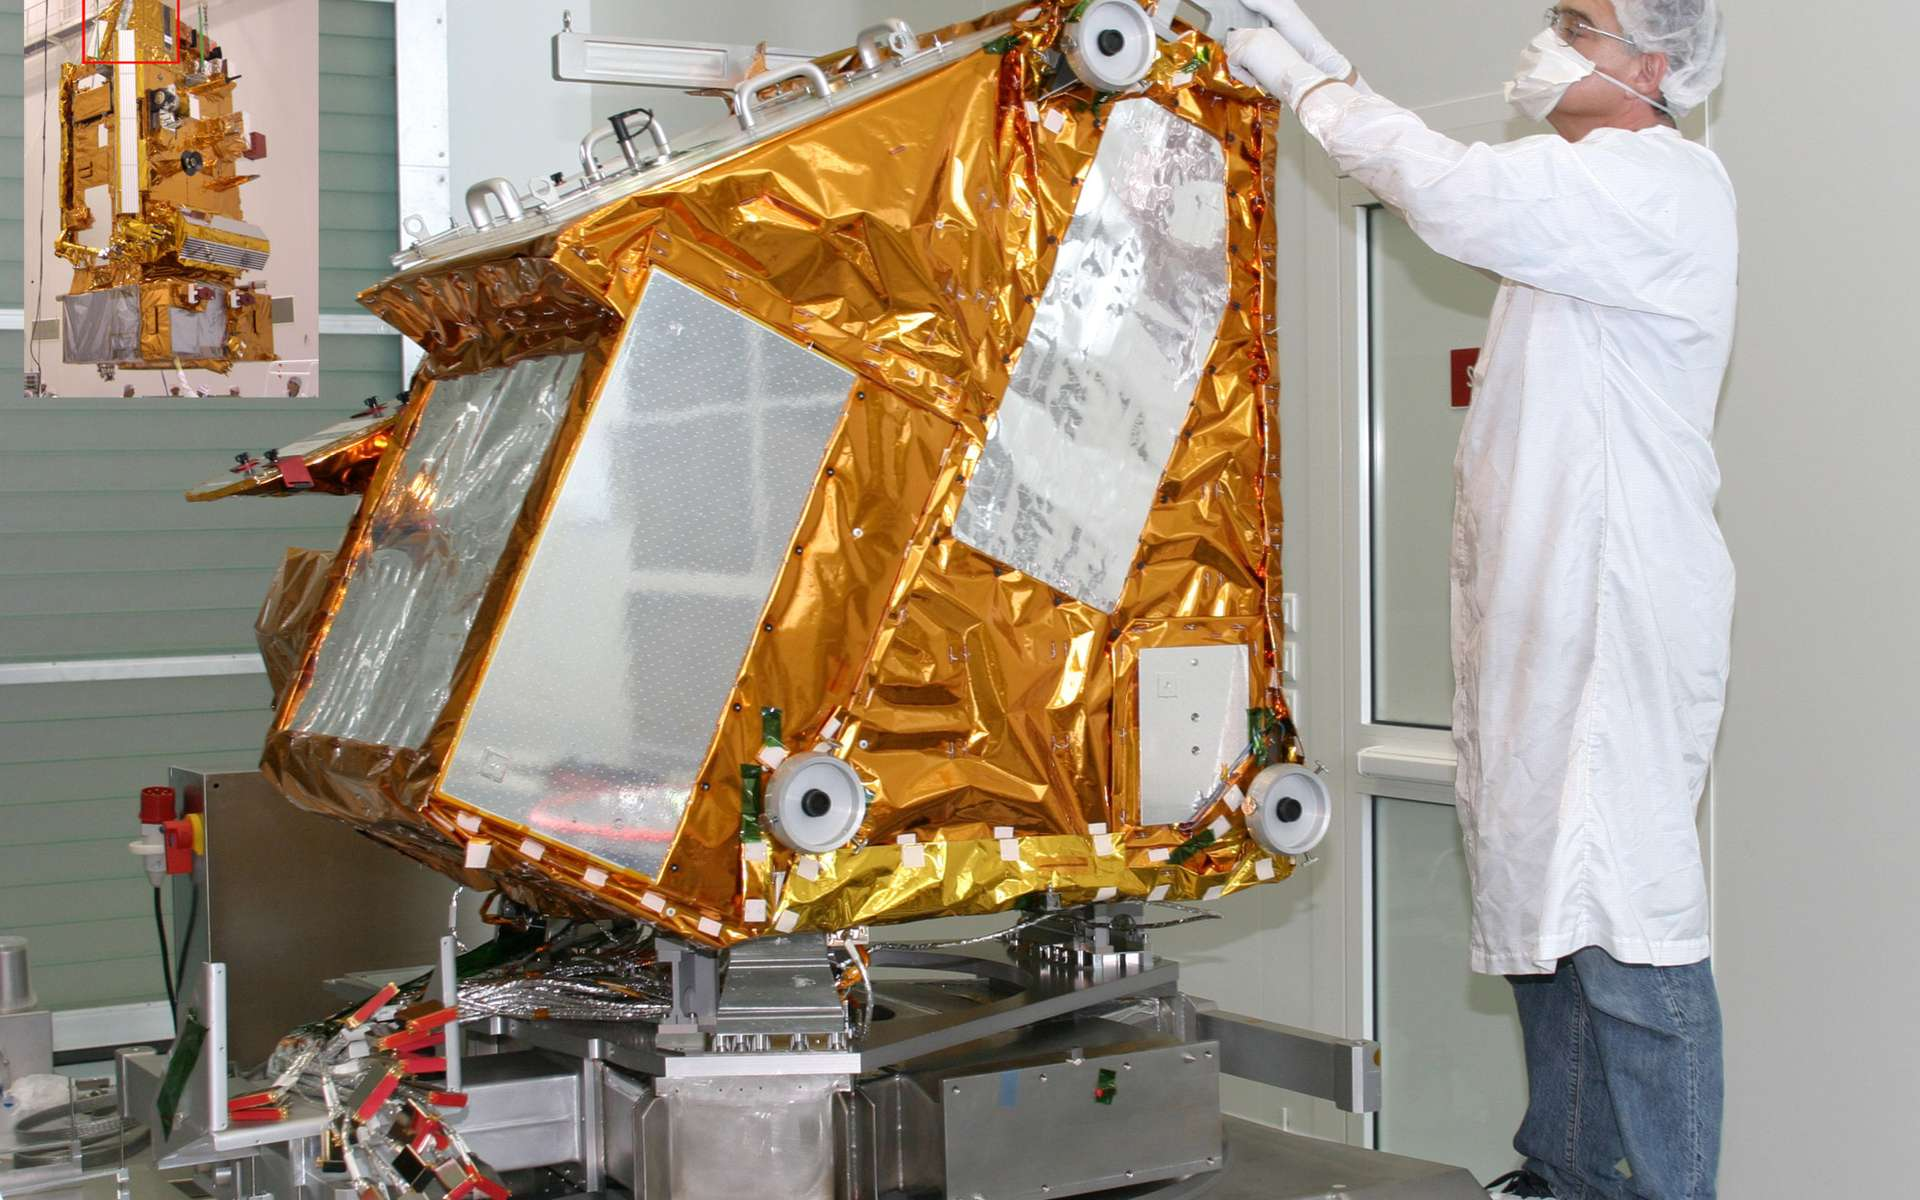 Conçu pour fonctionner au moins 5 ans, Iasi est un interféromètre de Michelson mesurant la distribution spectrale des radiations atmosphériques. Ses dimensions (1,2 x 1,1 x 1,1 m) le font ressembler à un cube de quelque 210 kg. © Thales Alenia Space/Studio Bazile